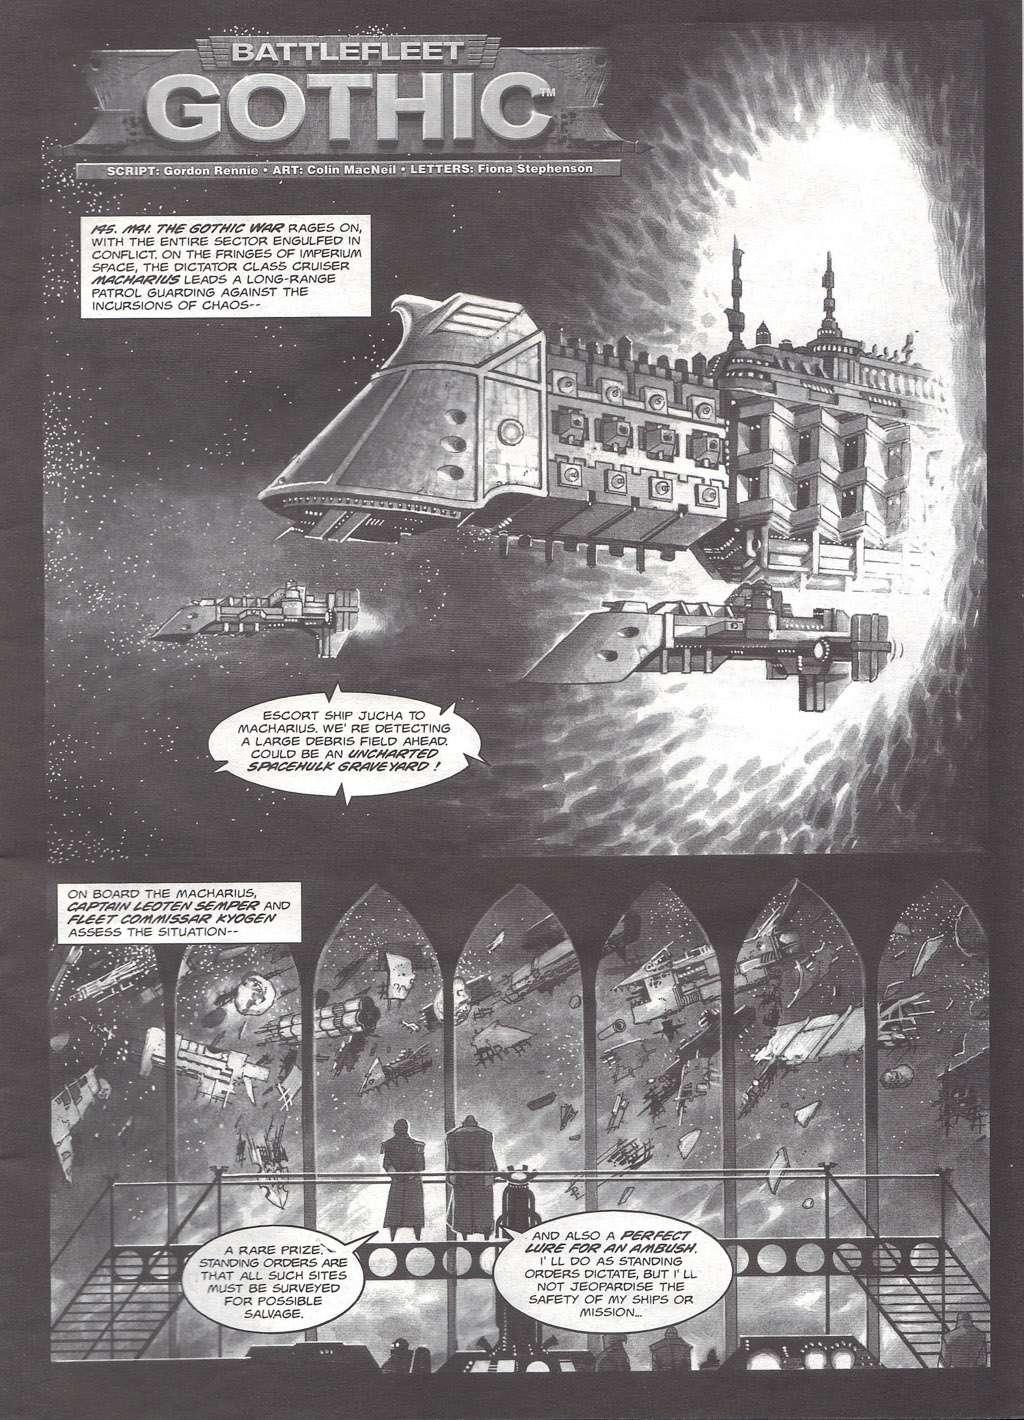 [GALERIE] Artworks - Page 7 Bfg_ge21